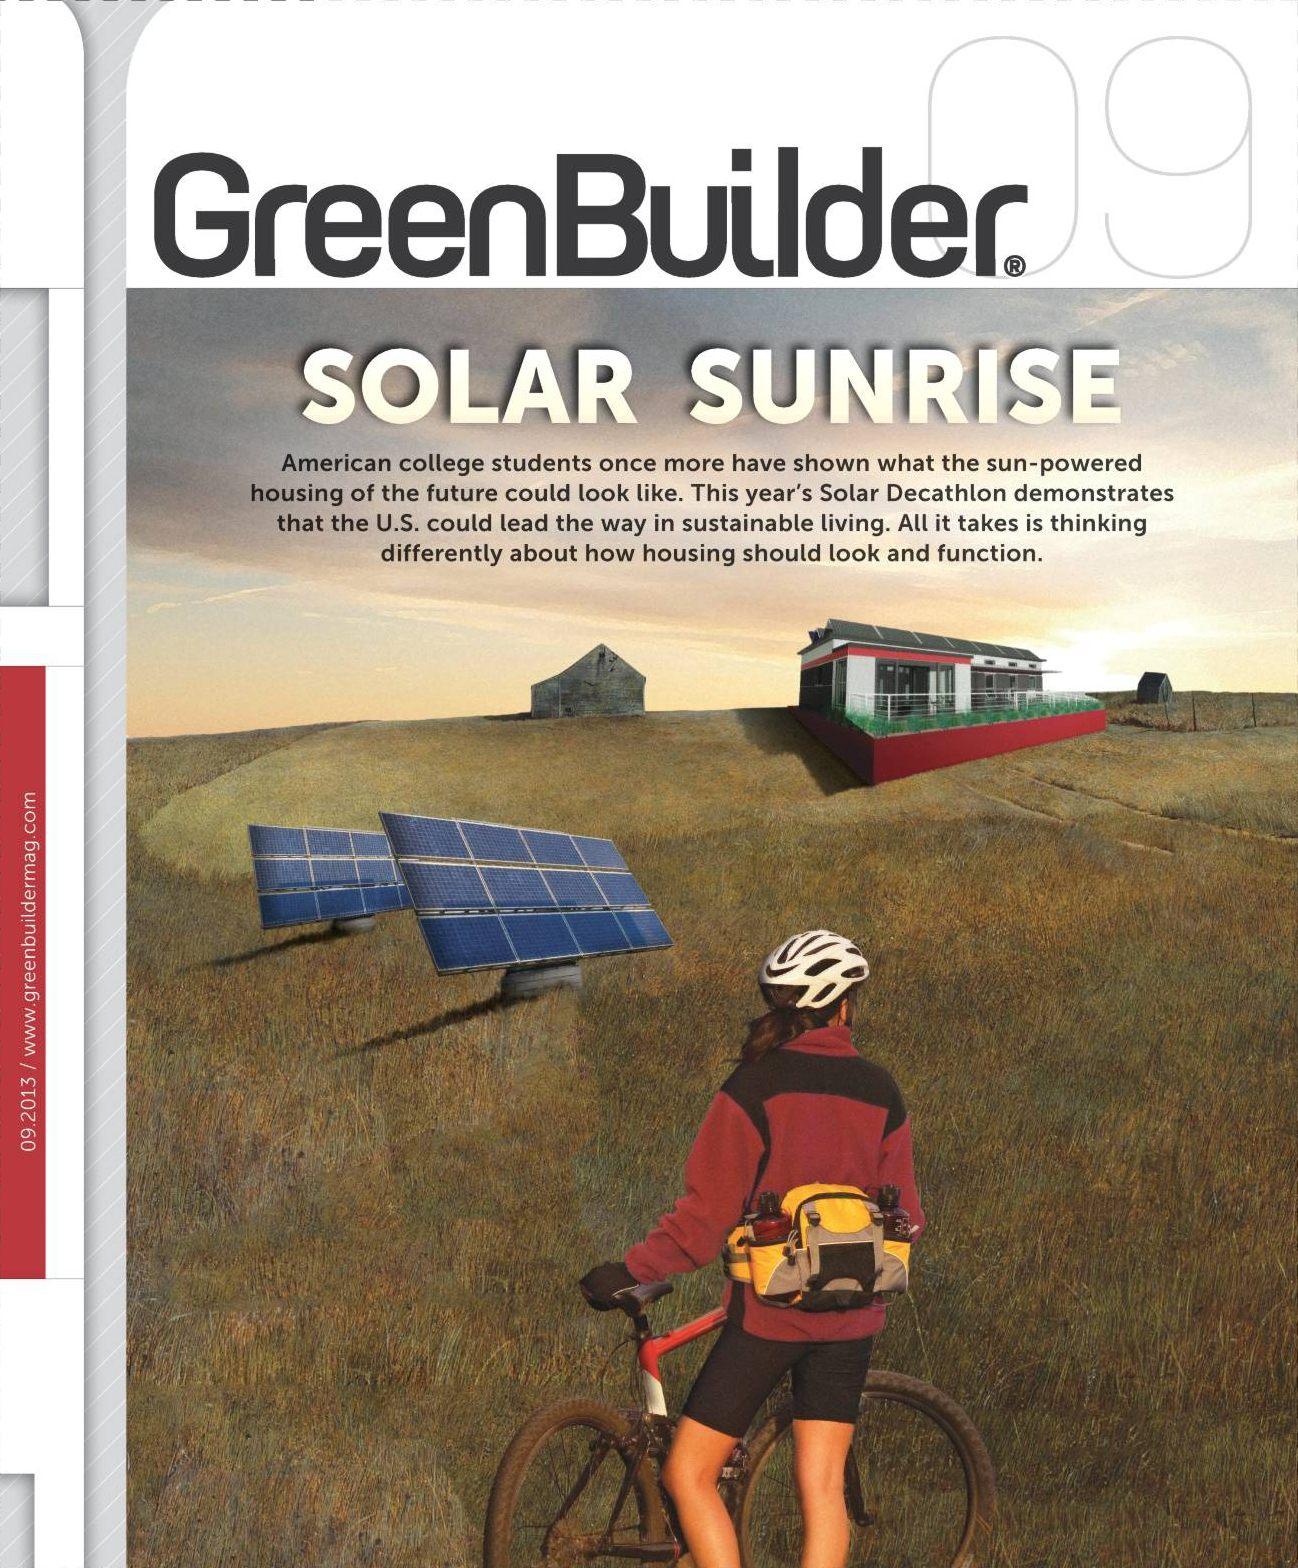 September 2013 Issue of Green Builder magazine